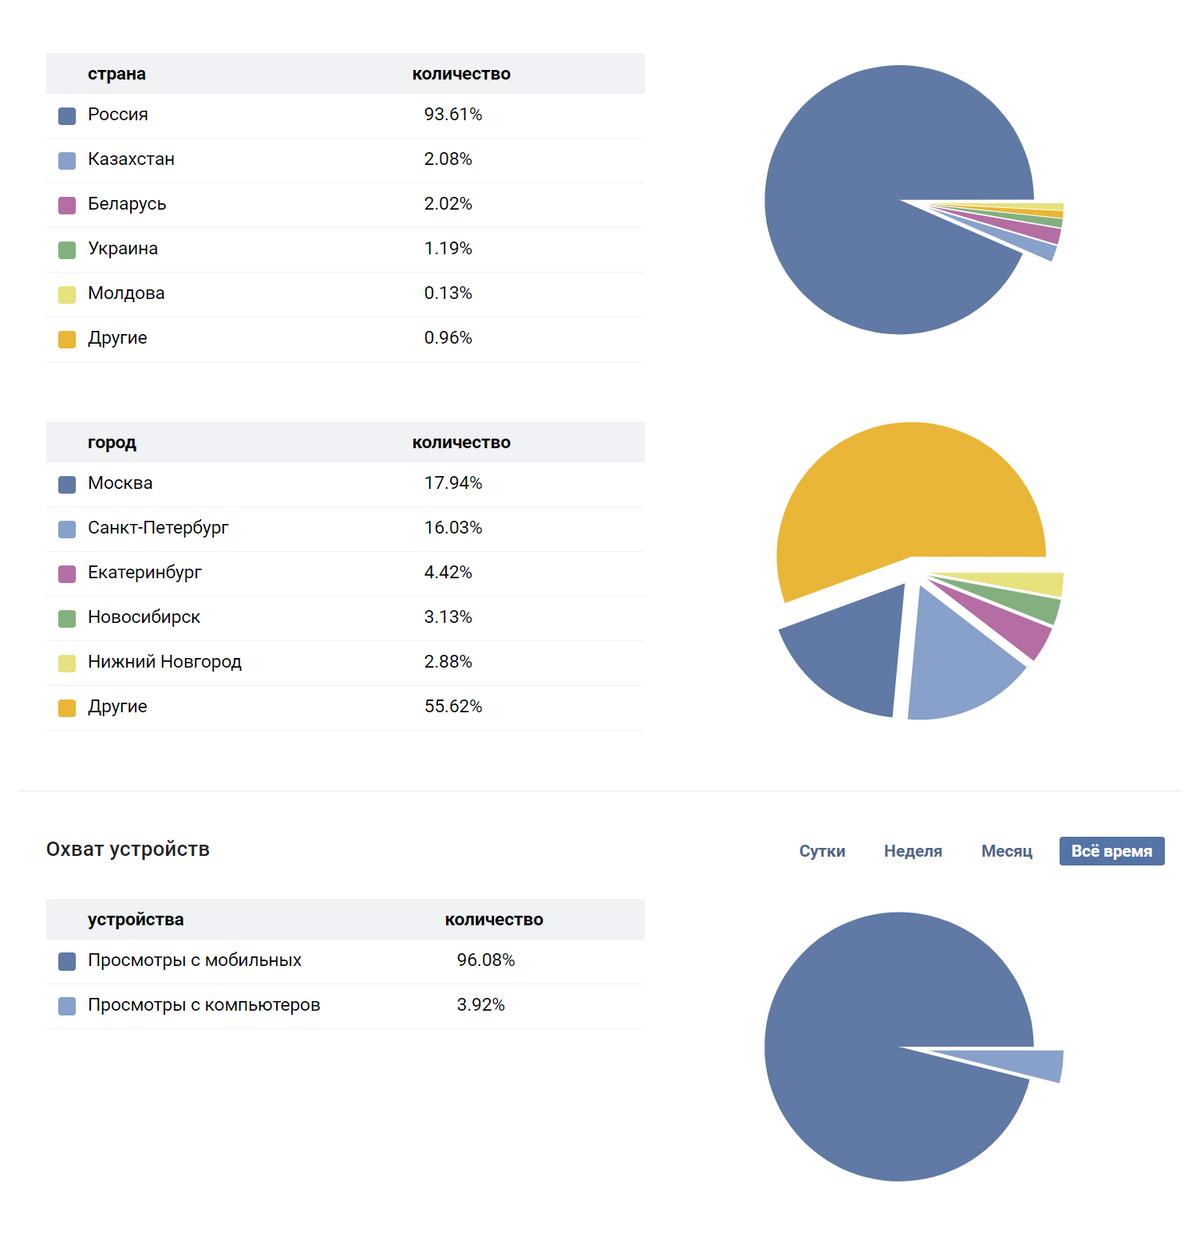 География подписчиков и устройства